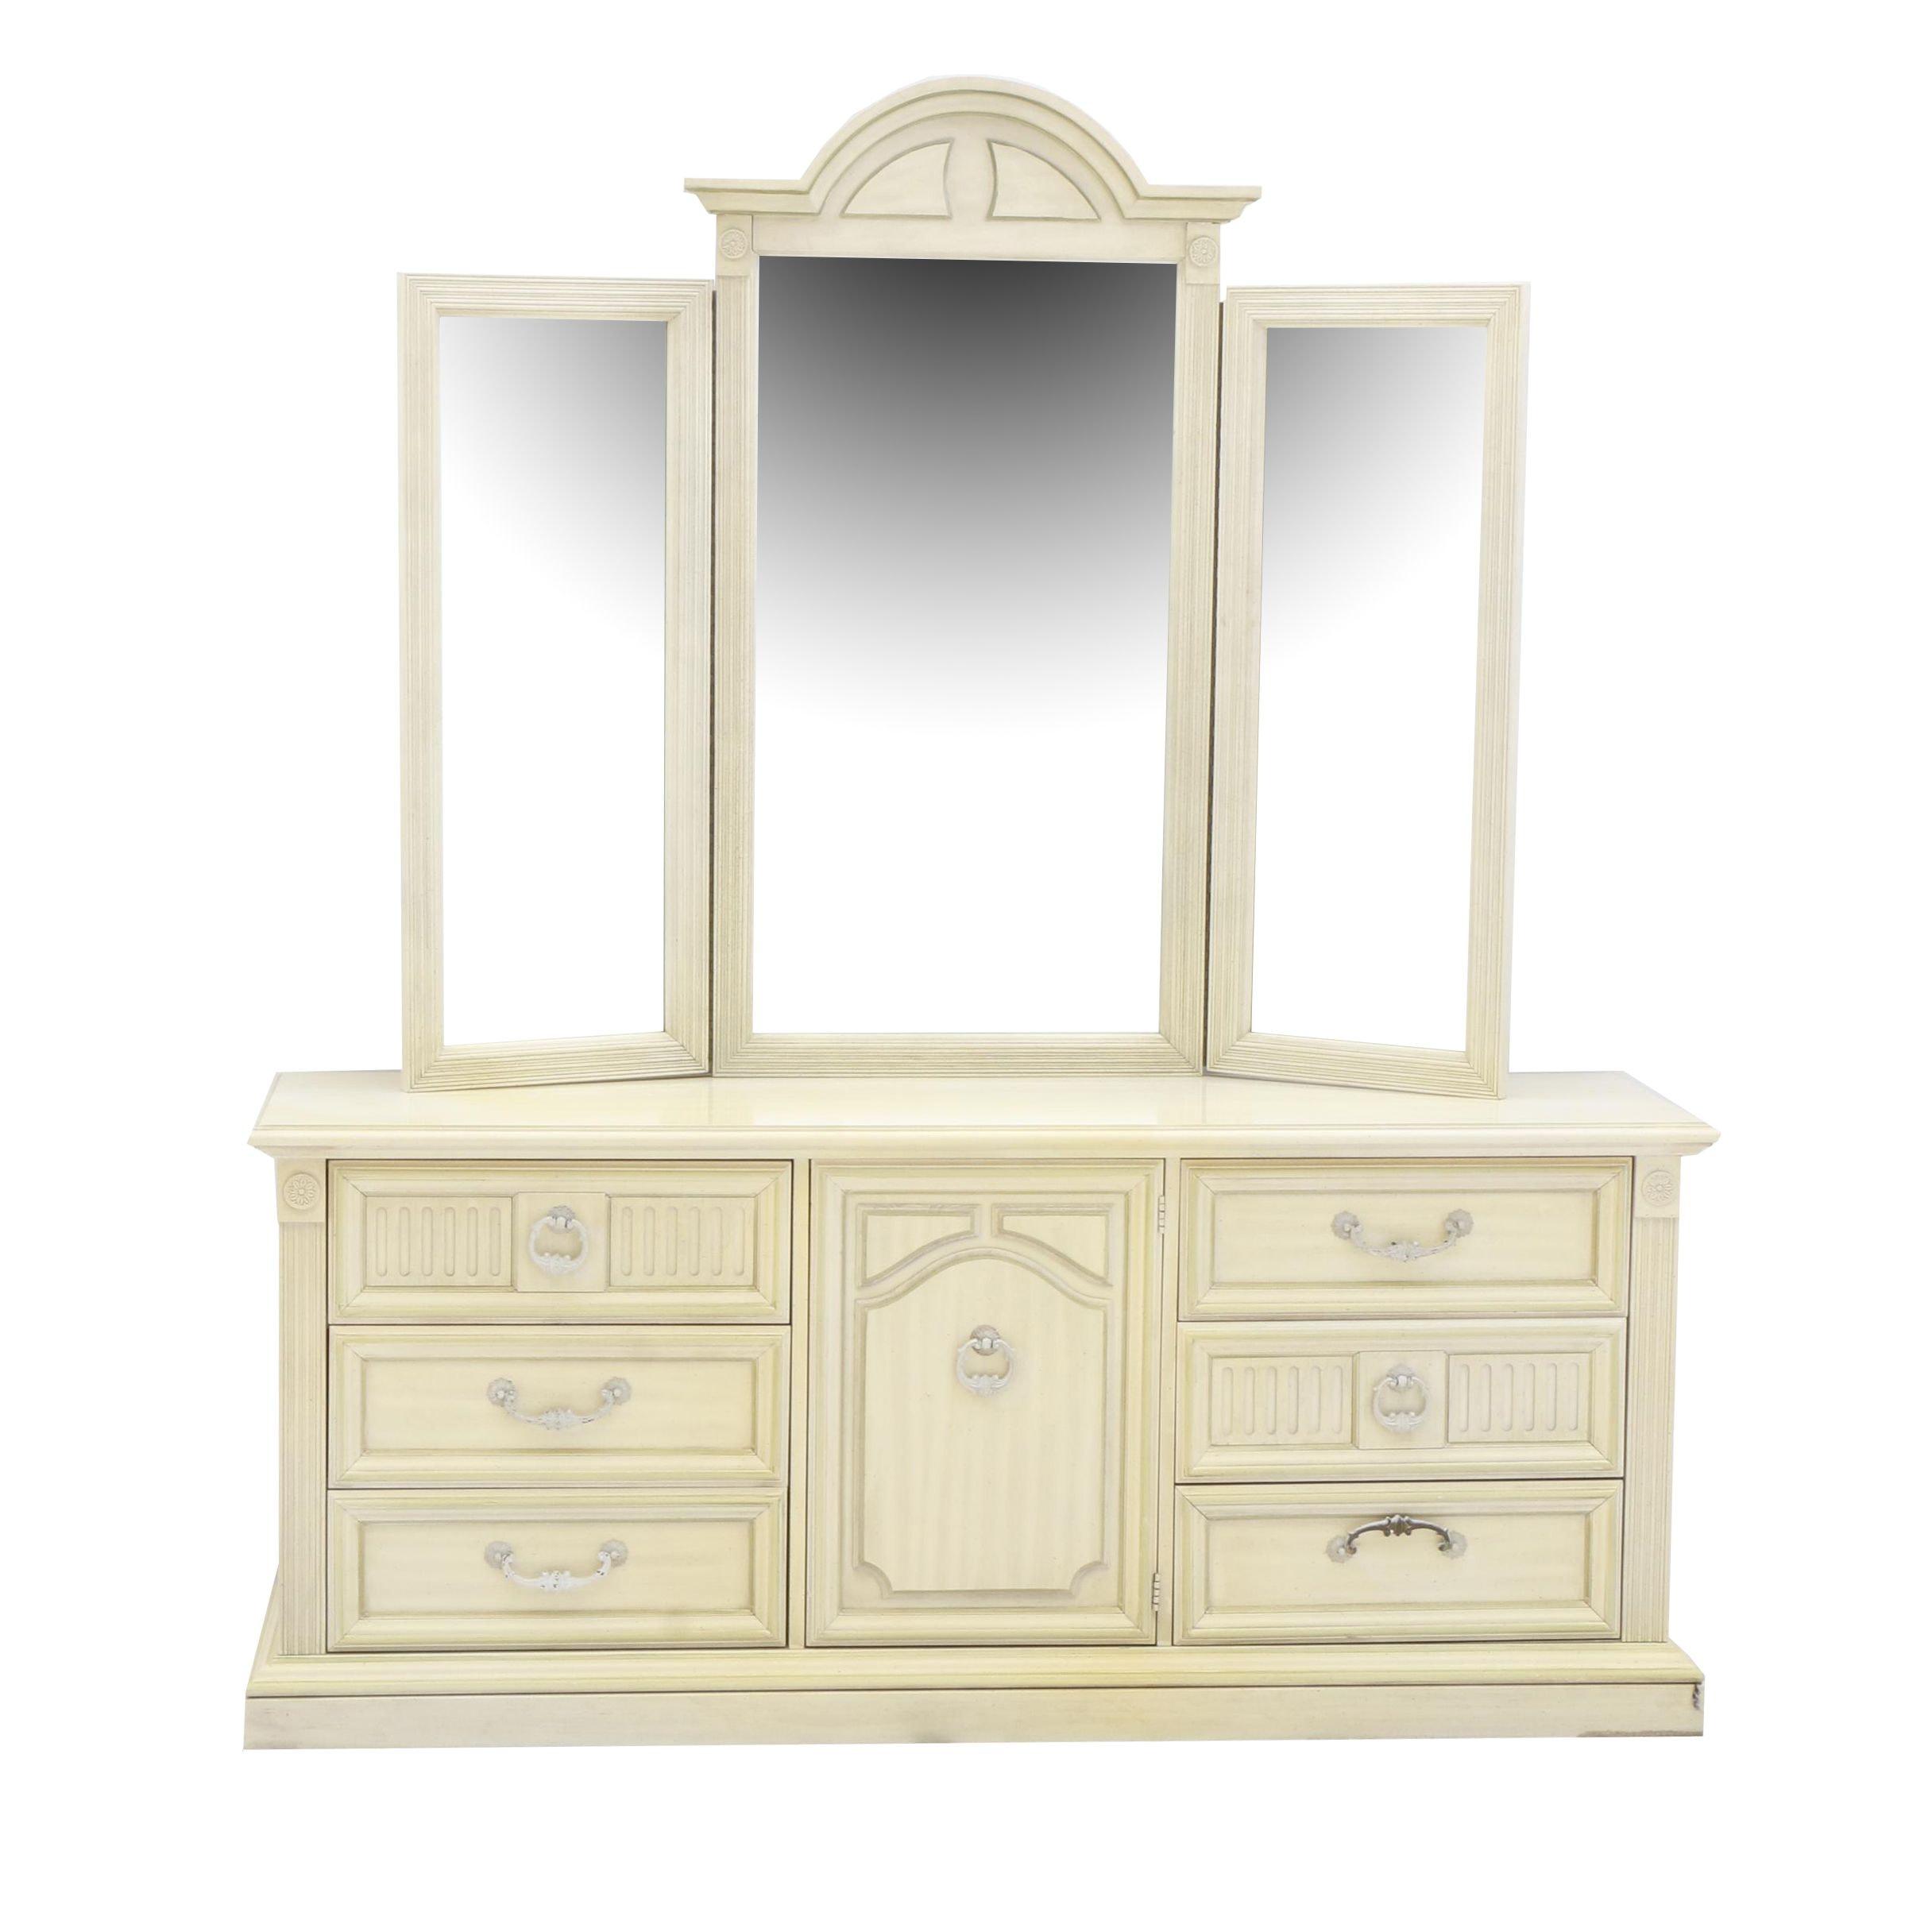 Vintage Stanley Dresser with Mirror